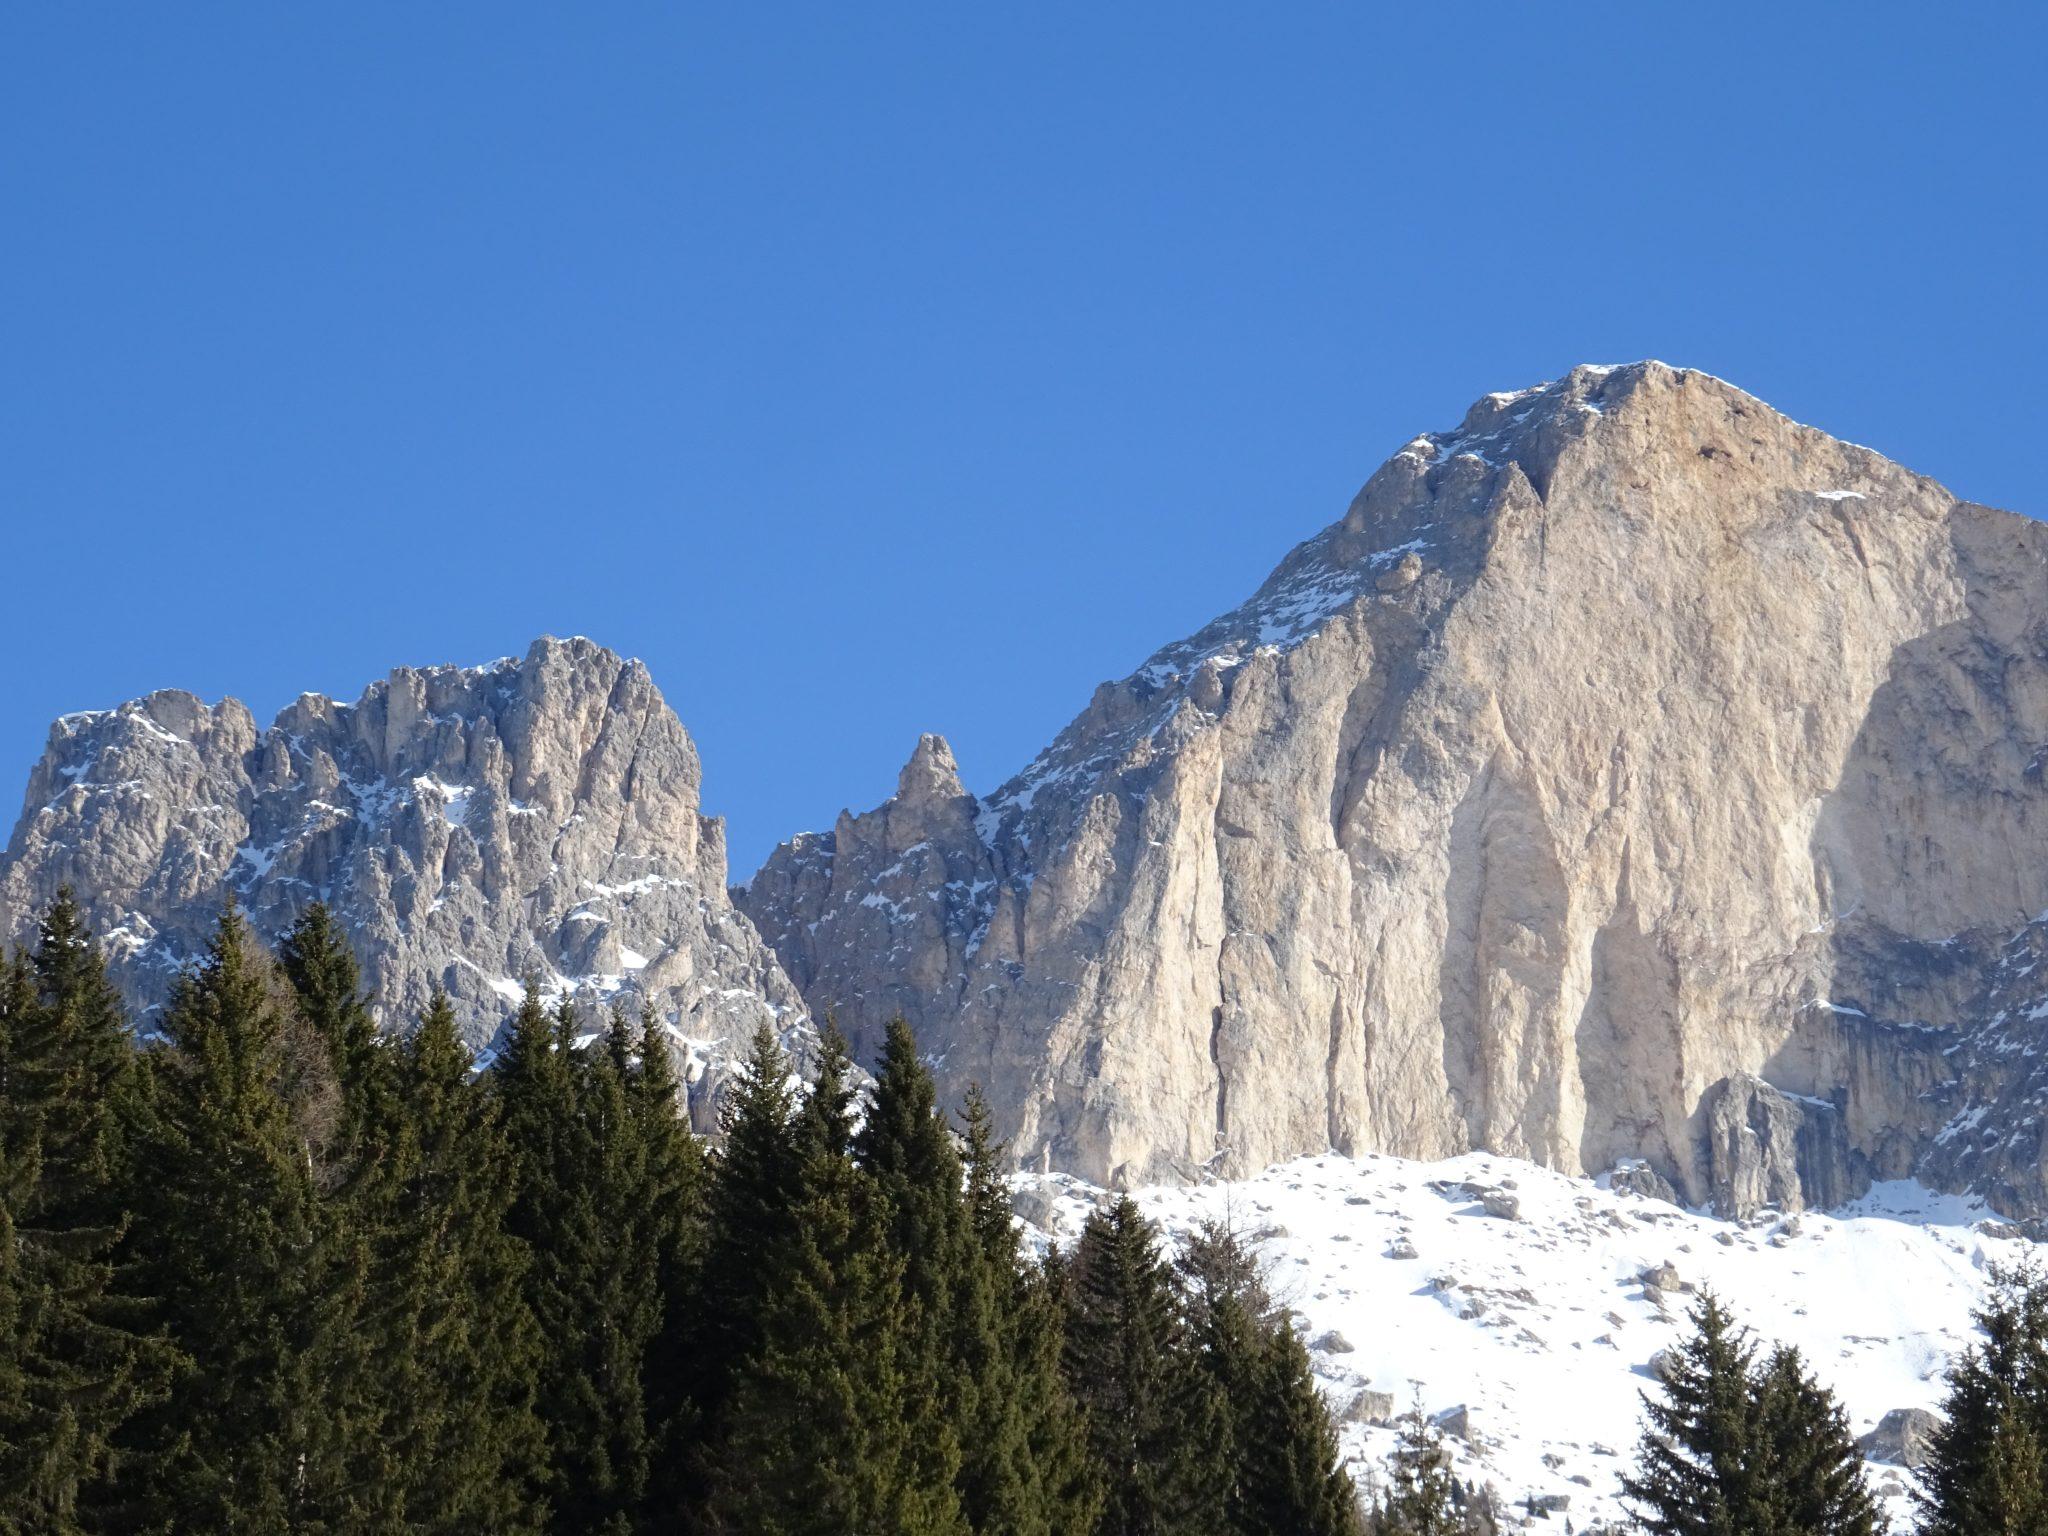 Die Dolomiten: Berge ohne Ende